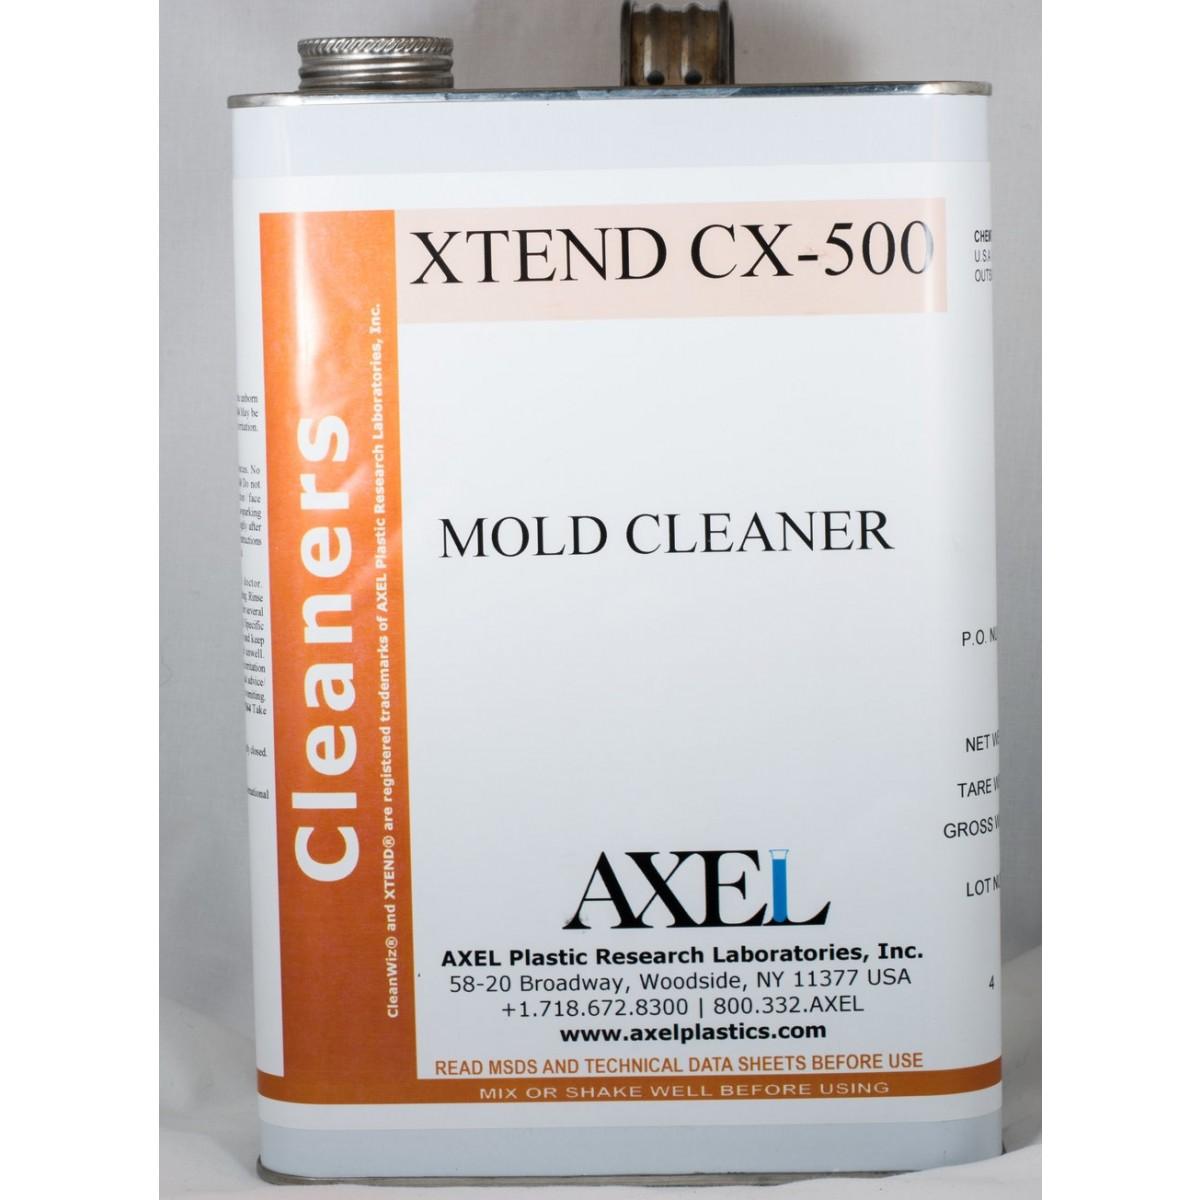 Axel XTEND CX-500-31